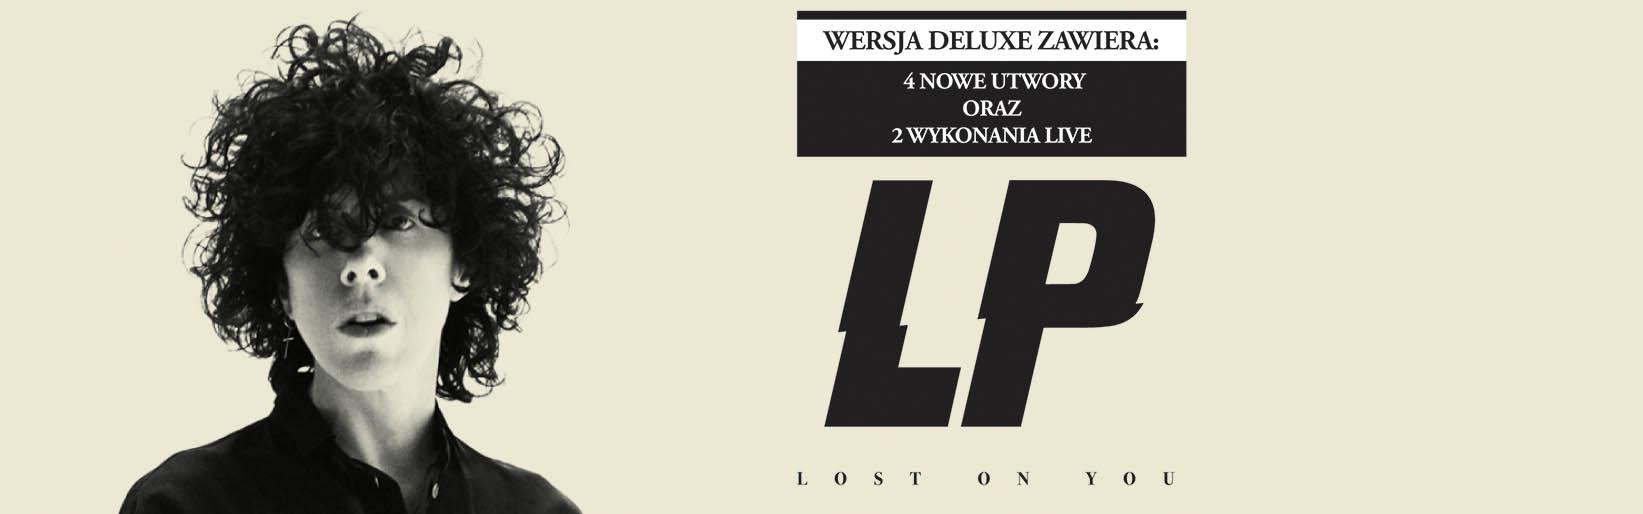 LP deluxe